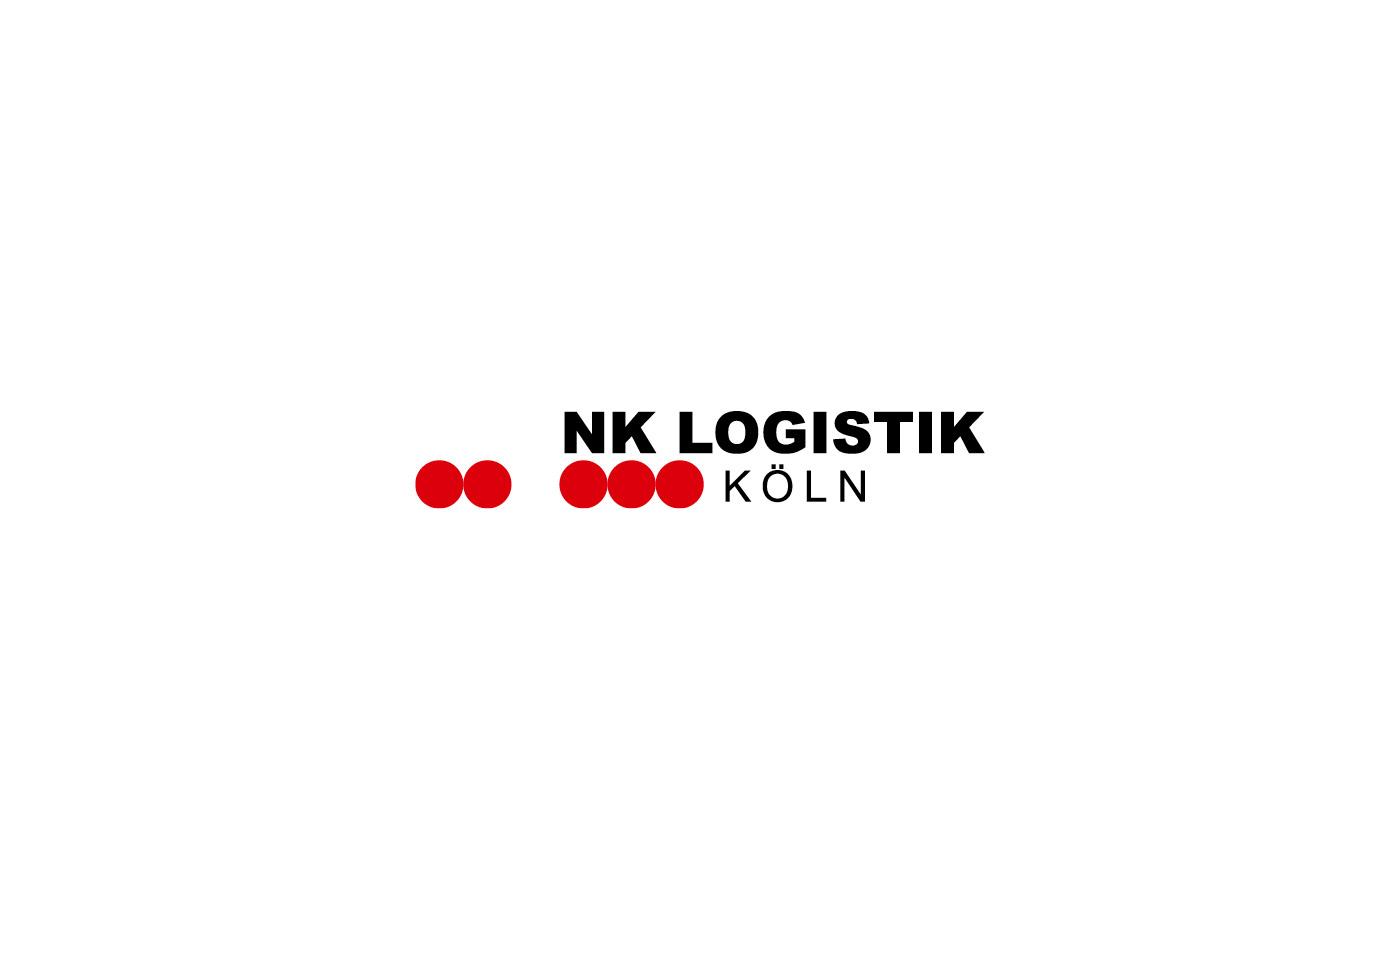 NK Logistik GmbH